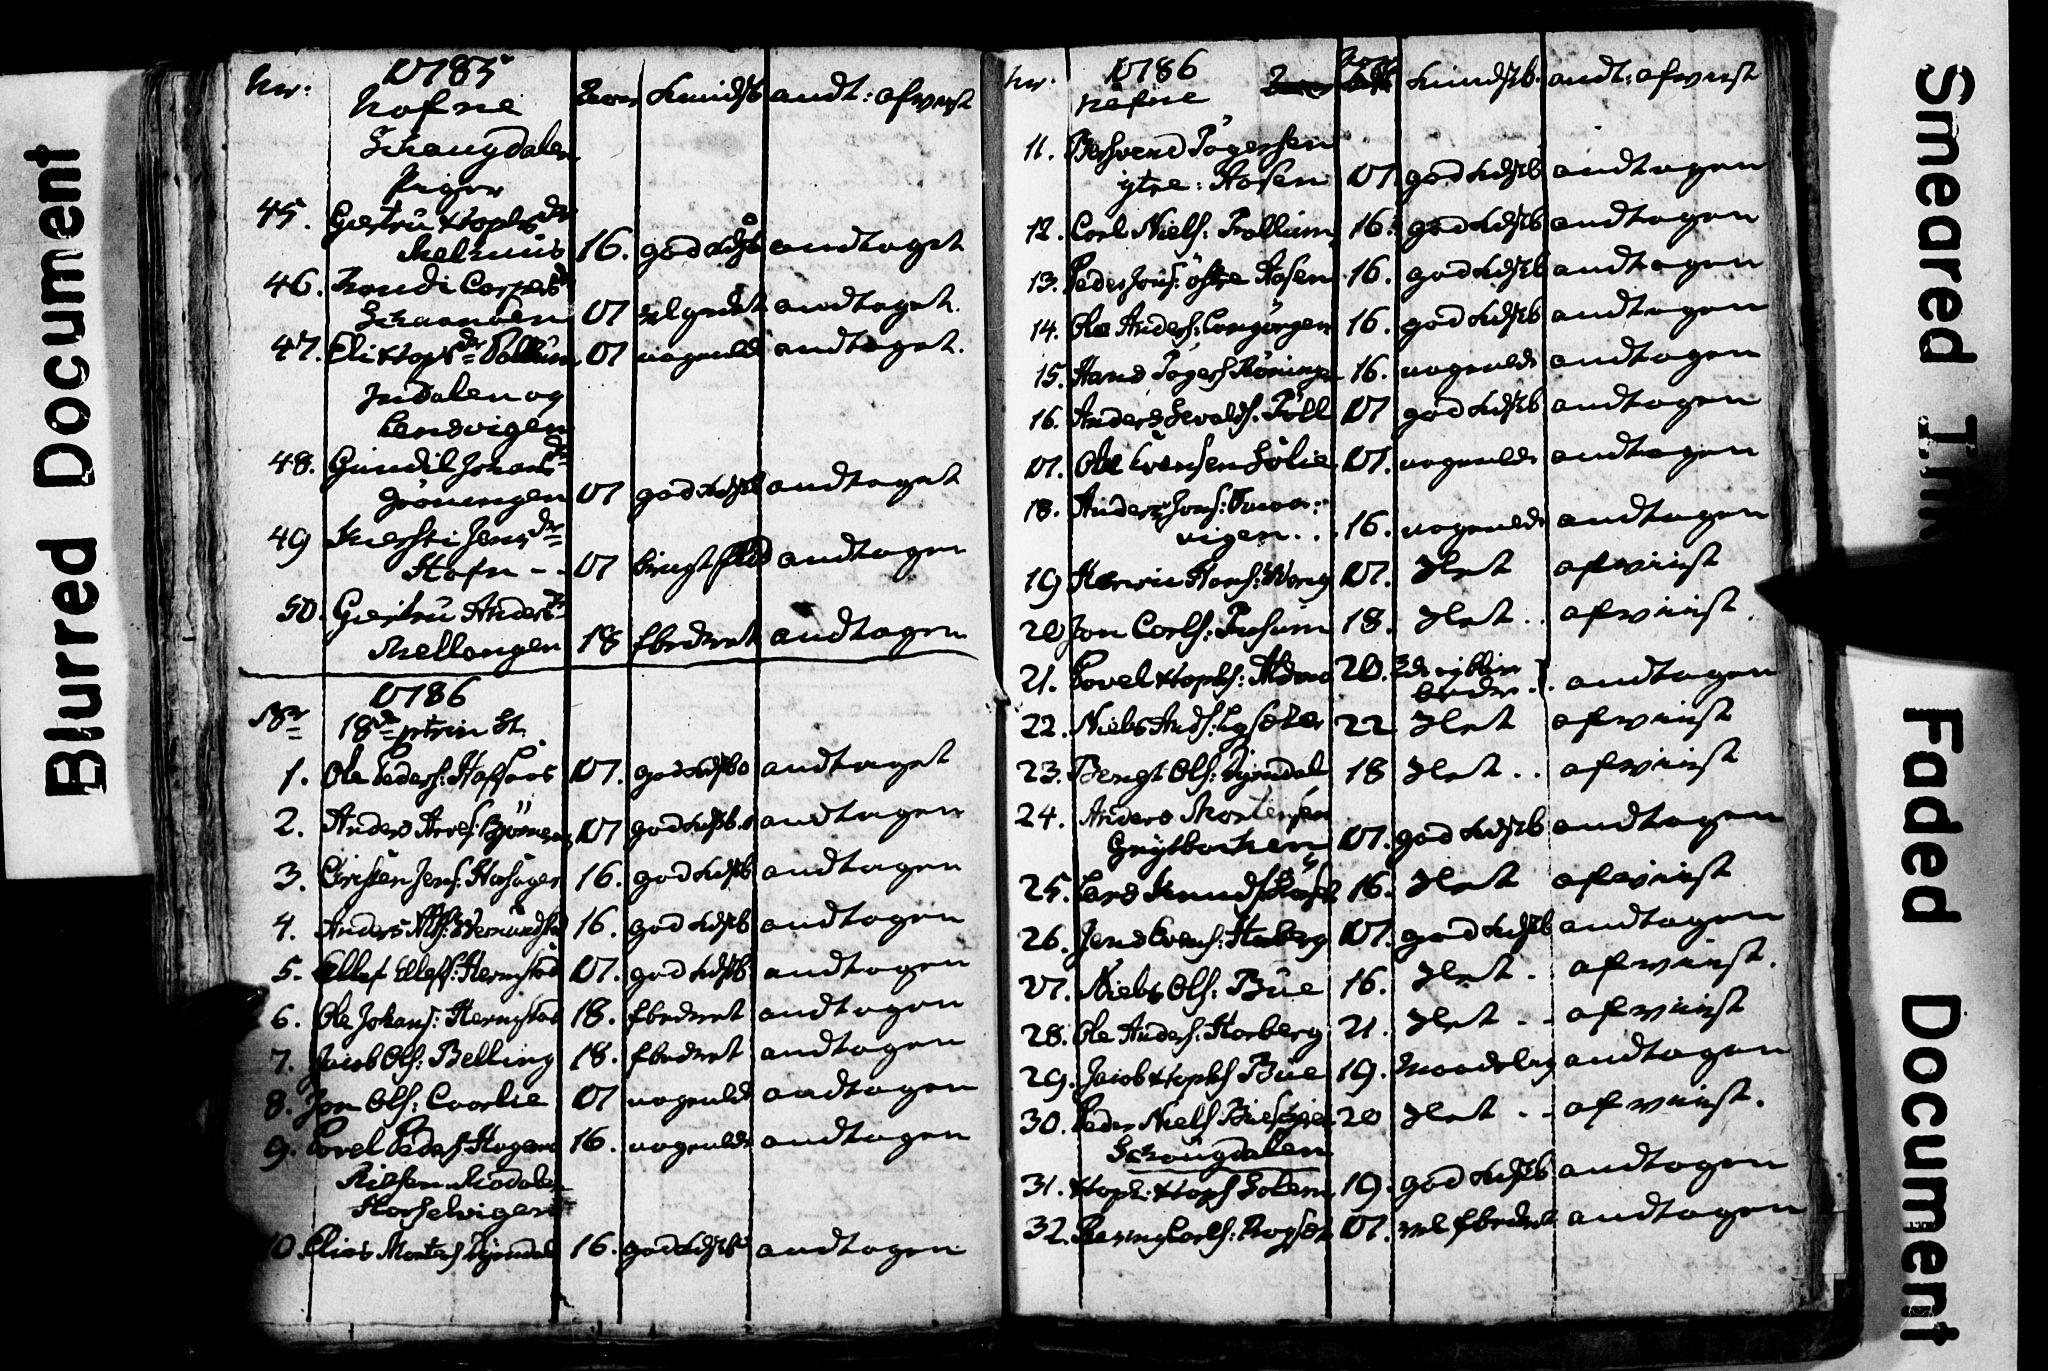 SAT, Ministerialprotokoller, klokkerbøker og fødselsregistre - Sør-Trøndelag, 646/L0614: Ministerialbok nr. 646A12, 1760-1798